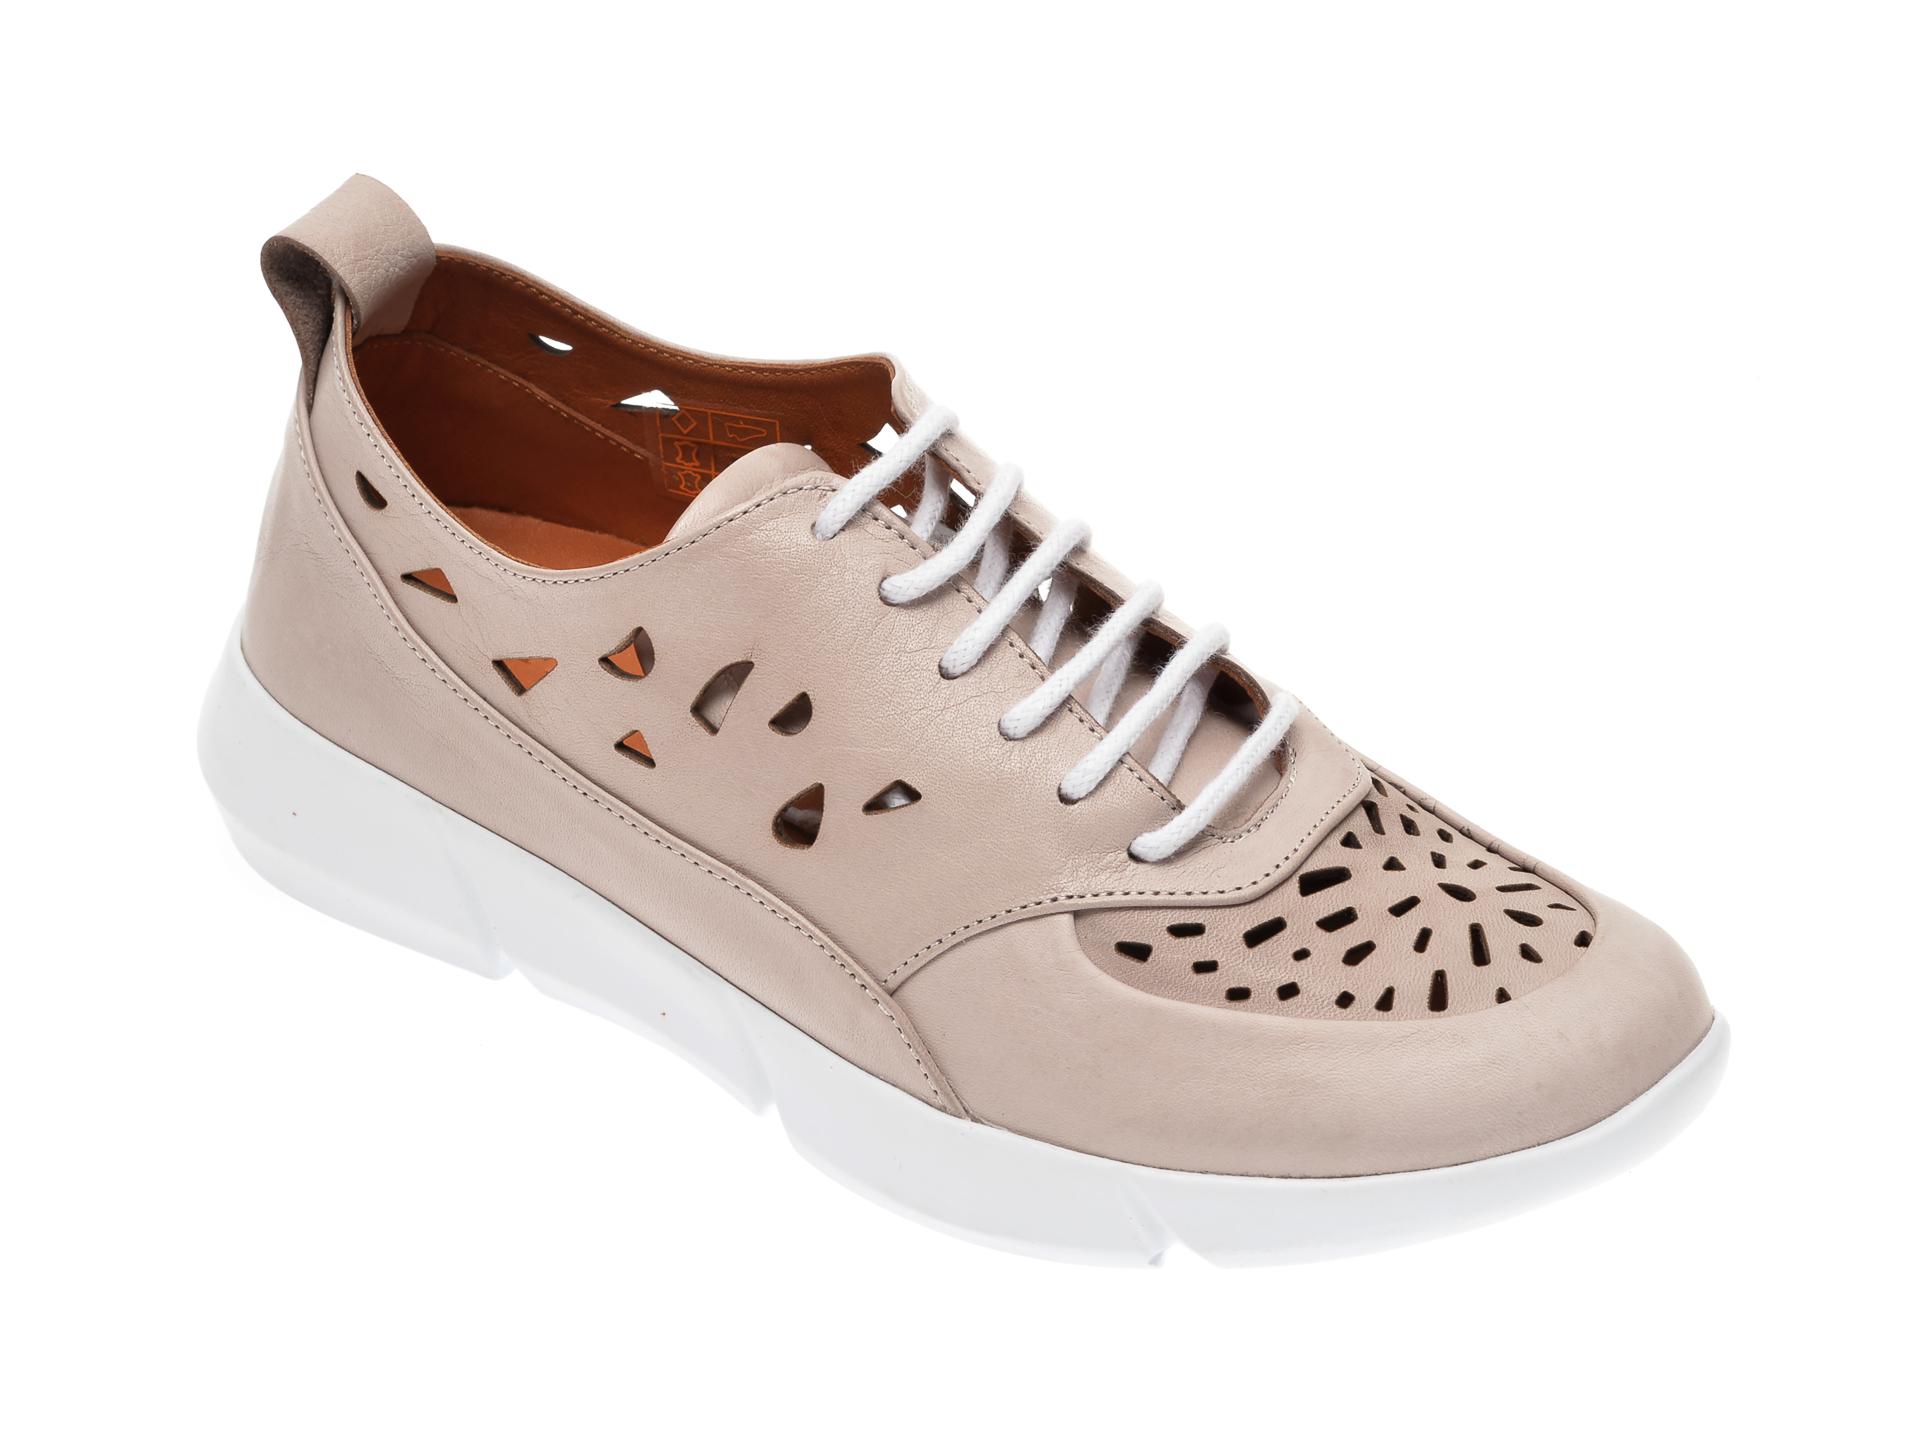 Pantofi FLAVIA PASSINI taupe, 283661, din piele naturala